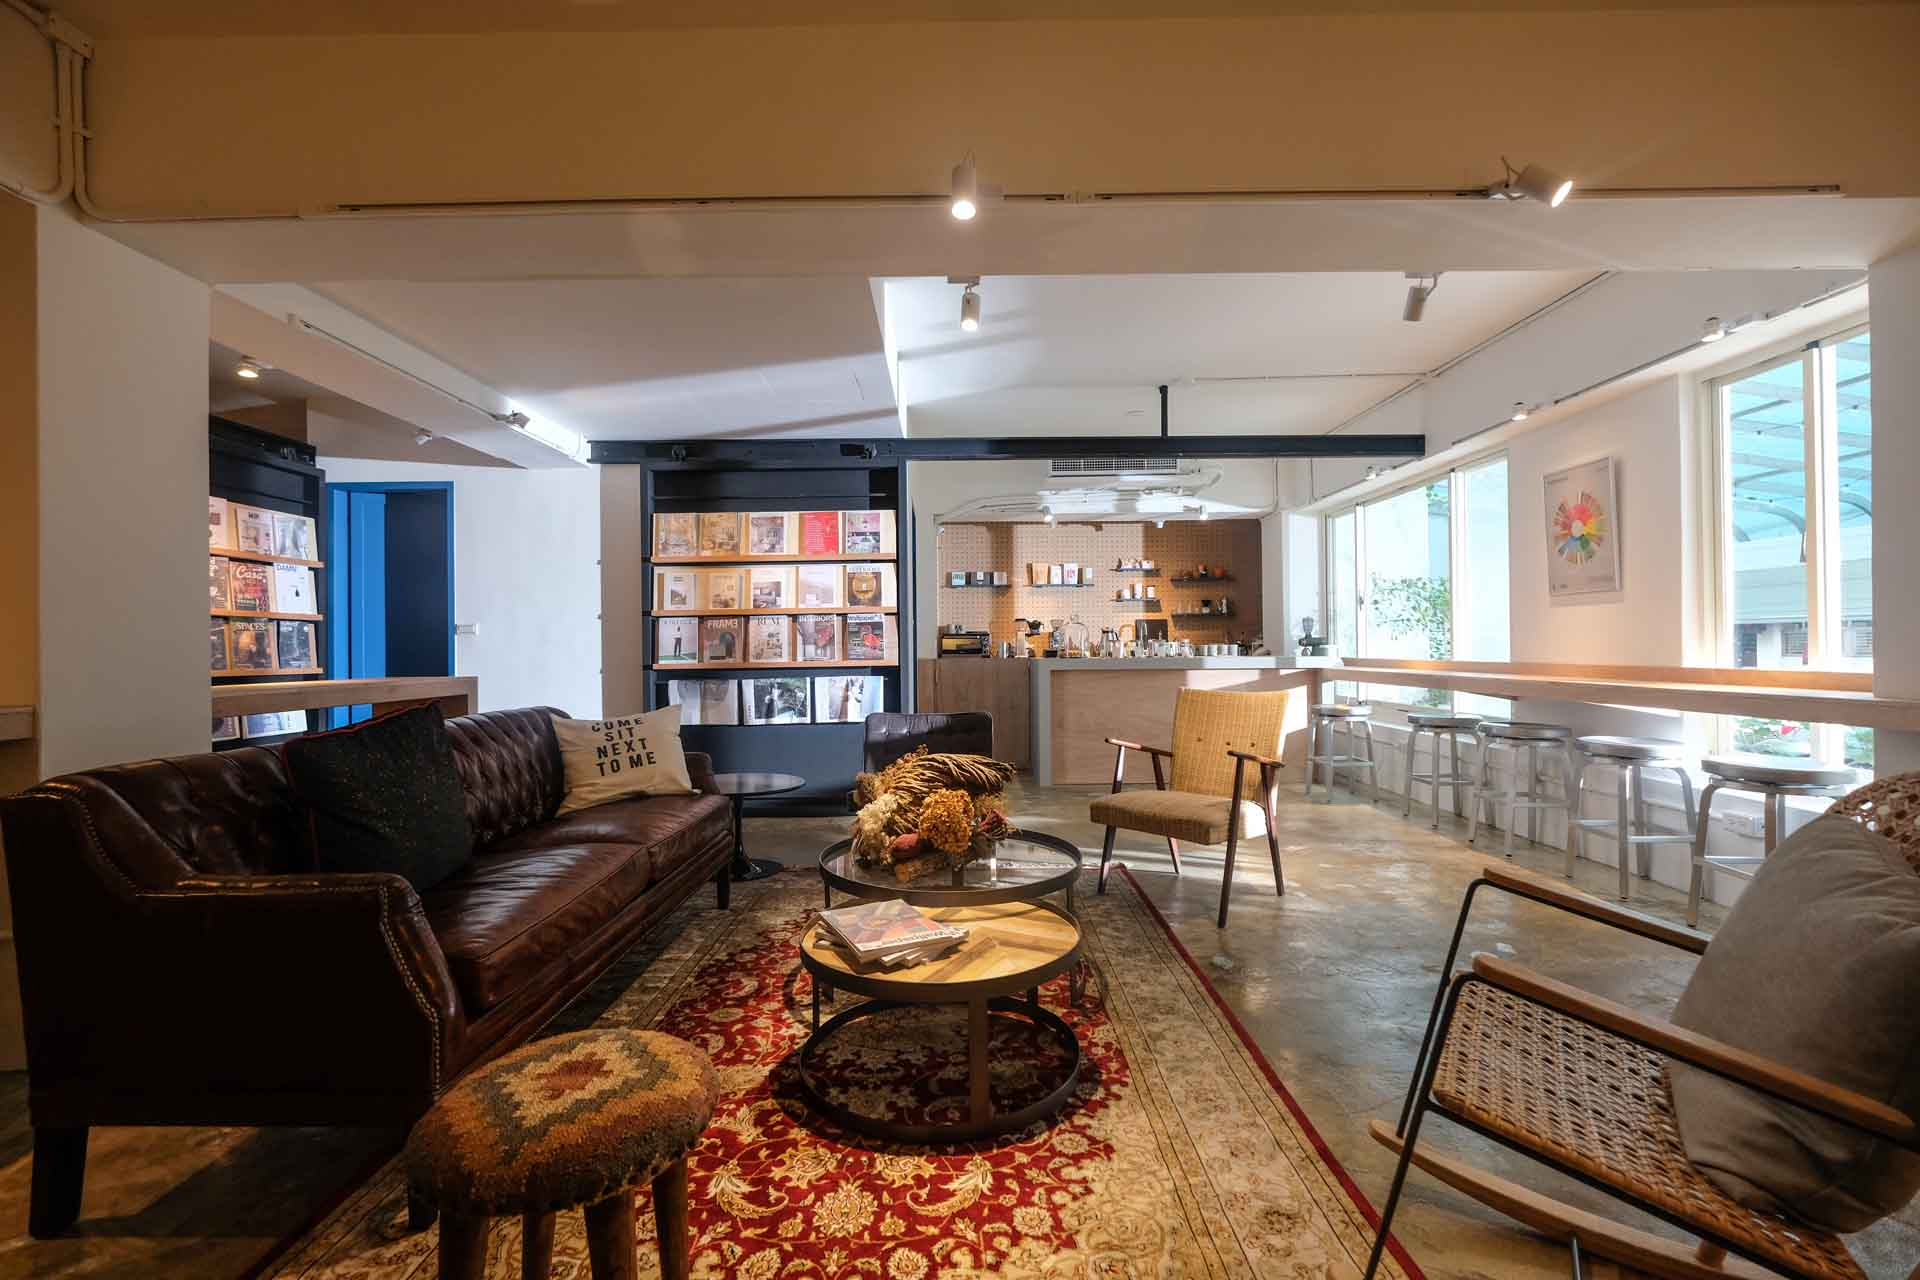 全台首創的室內材料圖書館,提供設計師近距離接觸材料元素,激盪創意。添設咖啡點心,除了設計師會員外,同時也開放一般民眾。